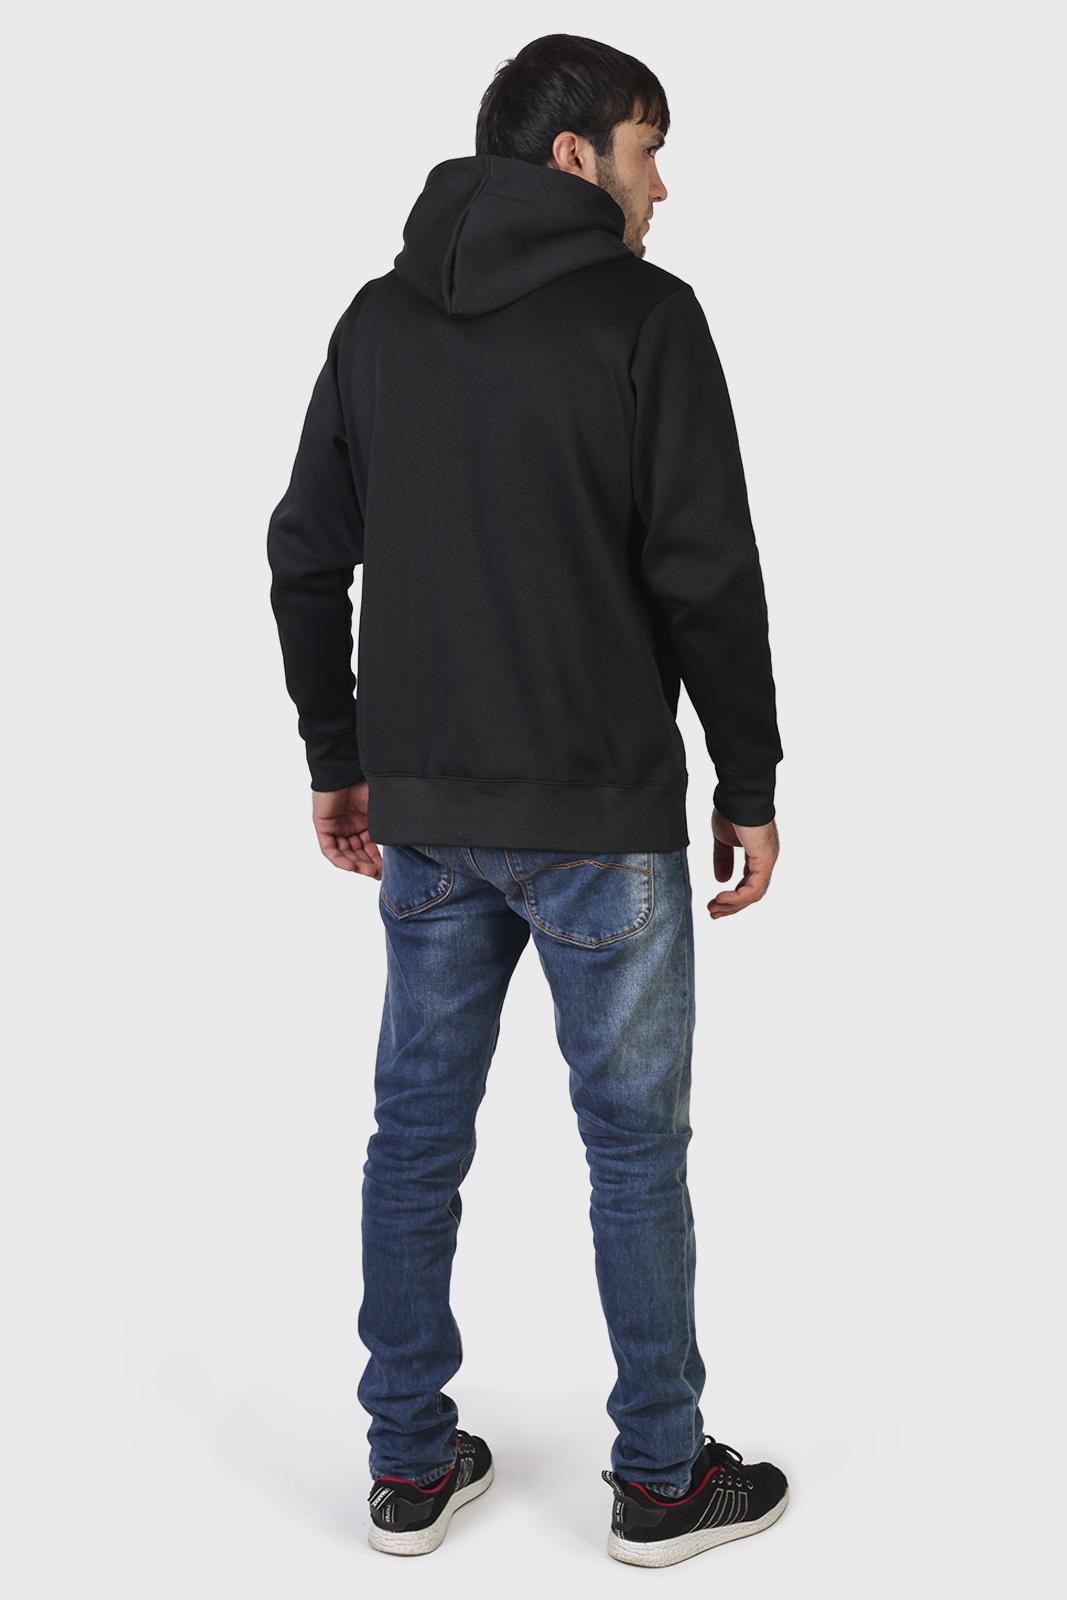 Спортивная мужская толстовка с шевроном 3 гв. ОБрСпН купить в подарок